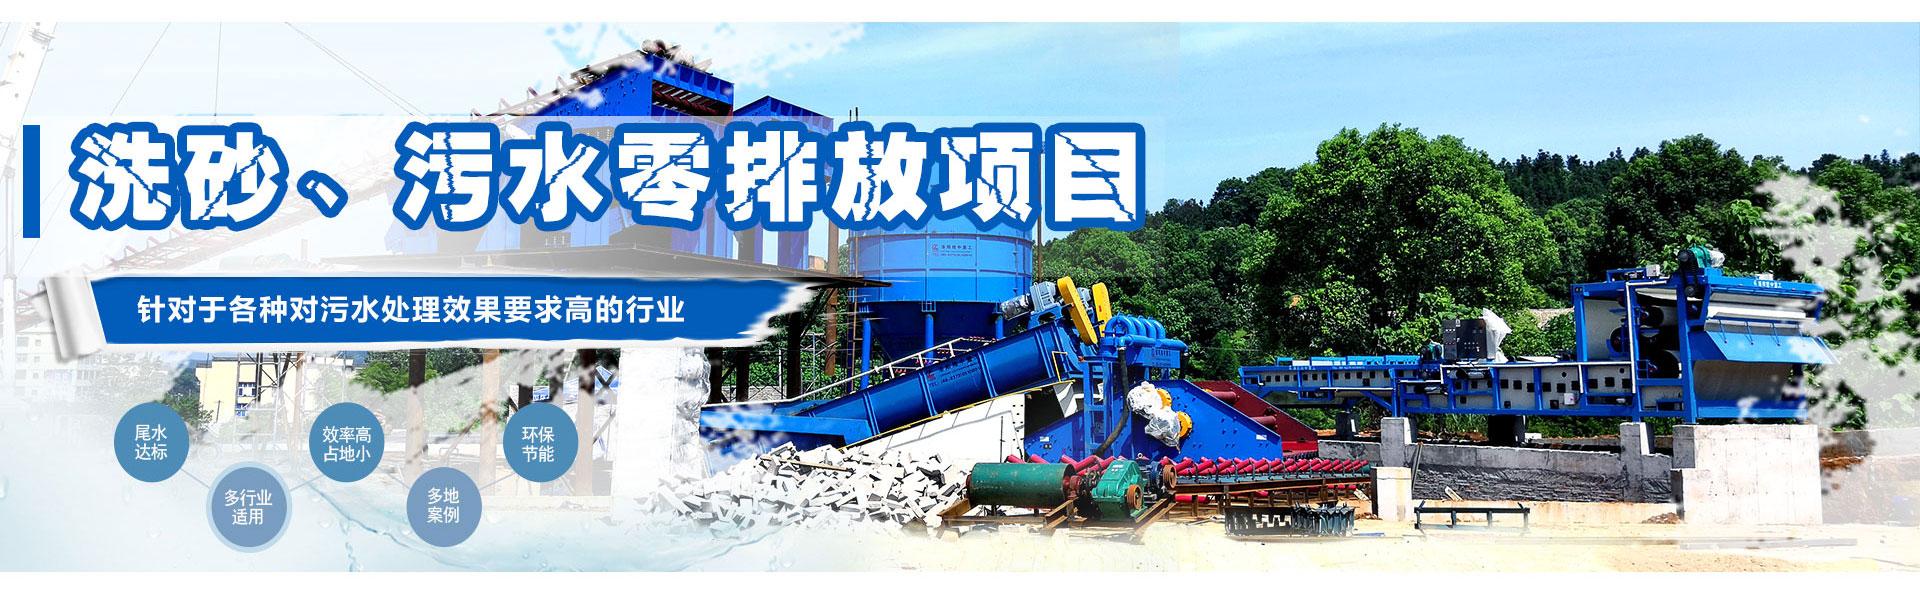 洗砂、污水零排放系统